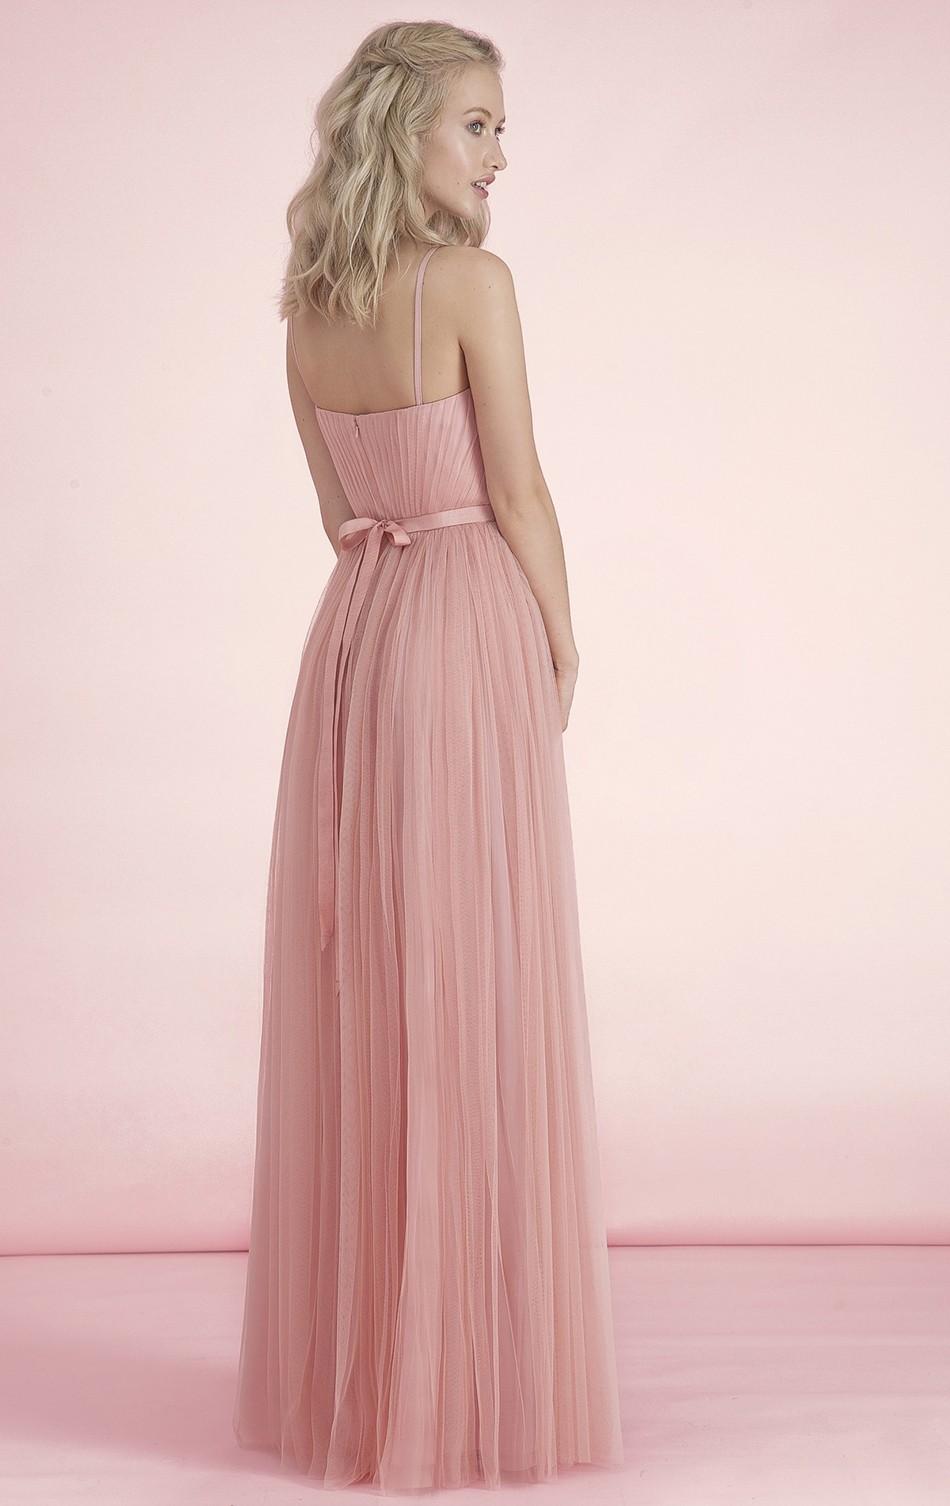 Envío Gratis Formal Barato 3 Estilos Nude Blush Rosa Vestidos de ...